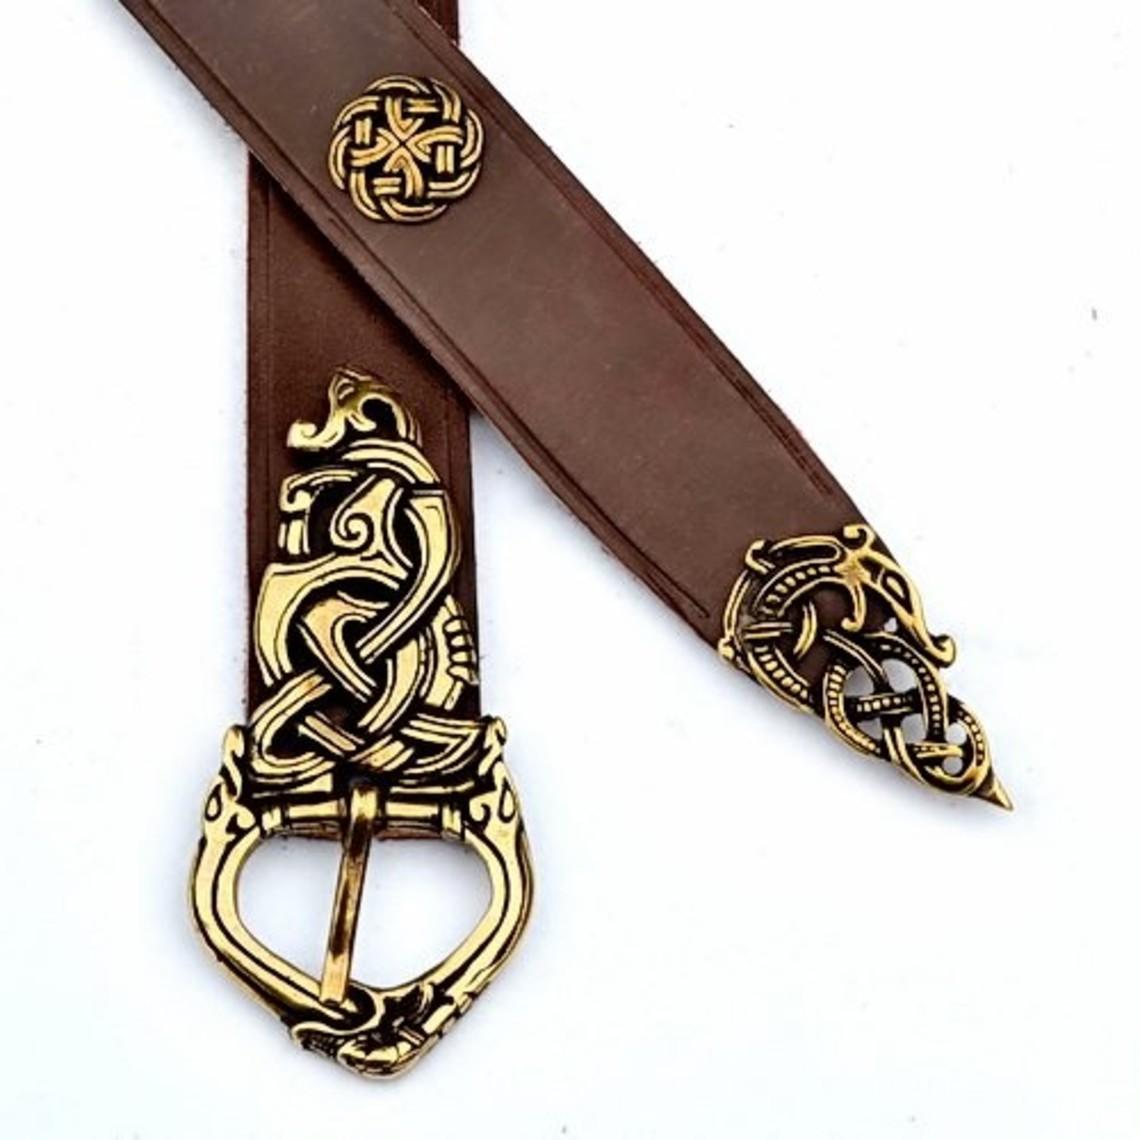 Ringerike de luxe de ceinture Viking, noir, argenté